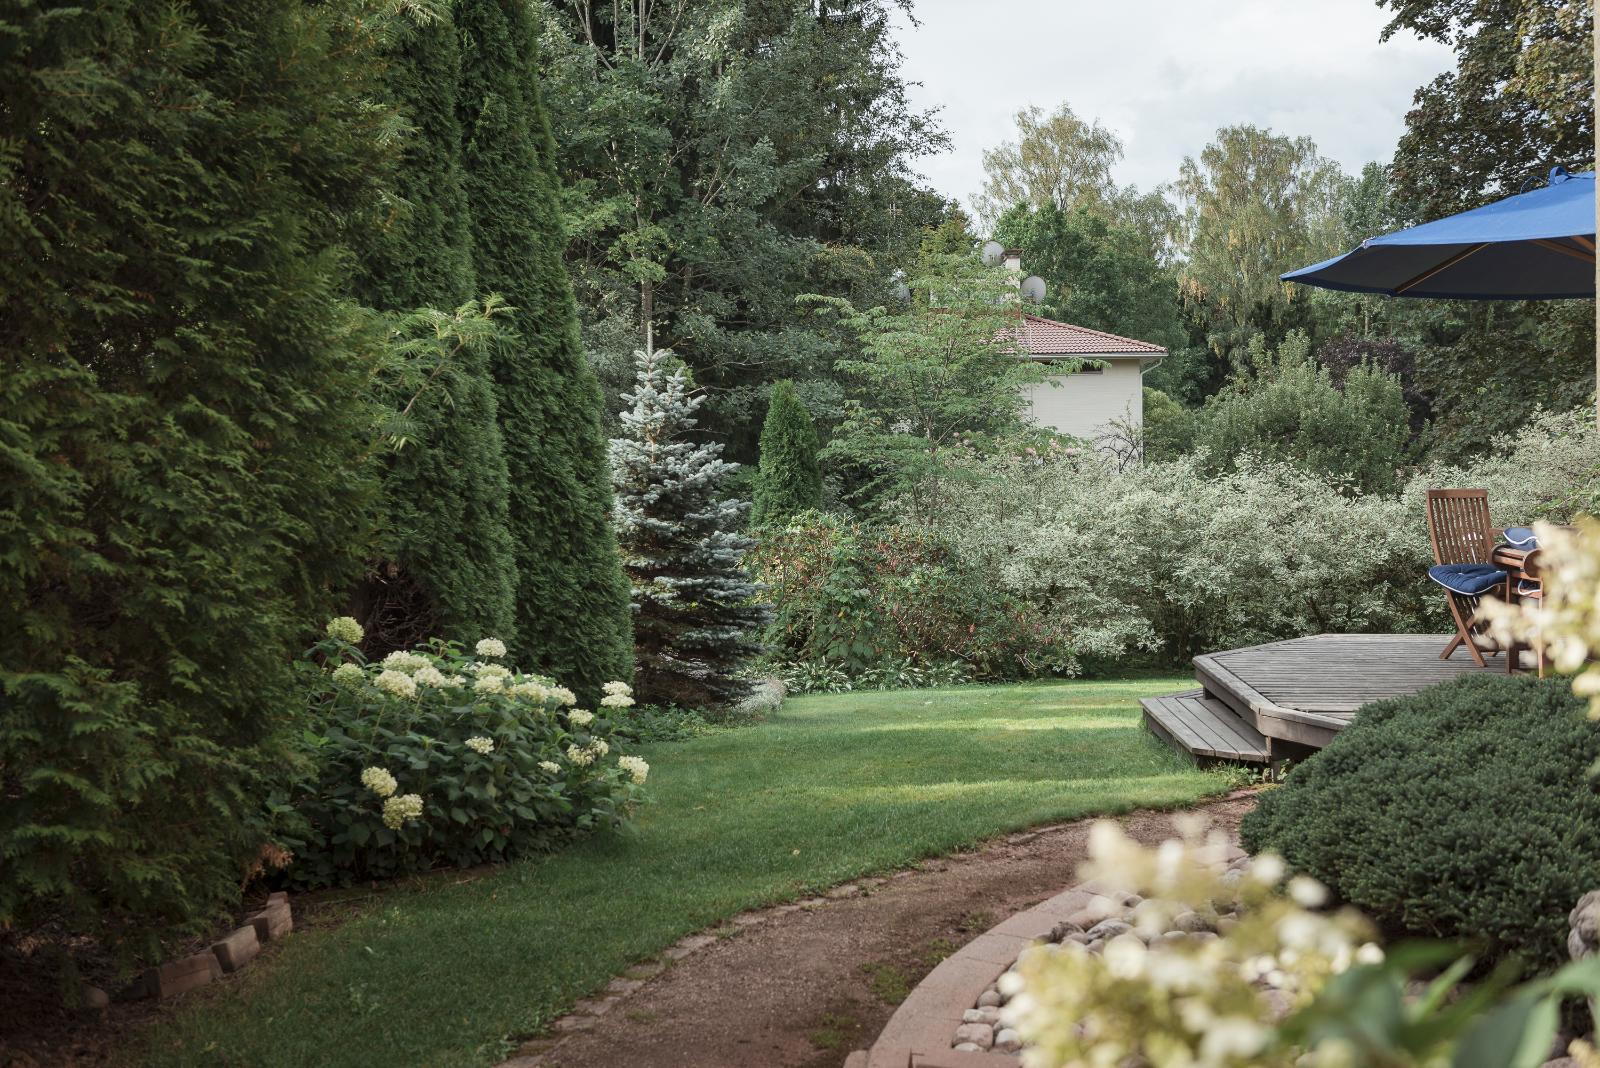 Nurmipihalla on käytetty luonnonkiveä kukkapenkkien ja kulkuteiden viimestelyissä. title=